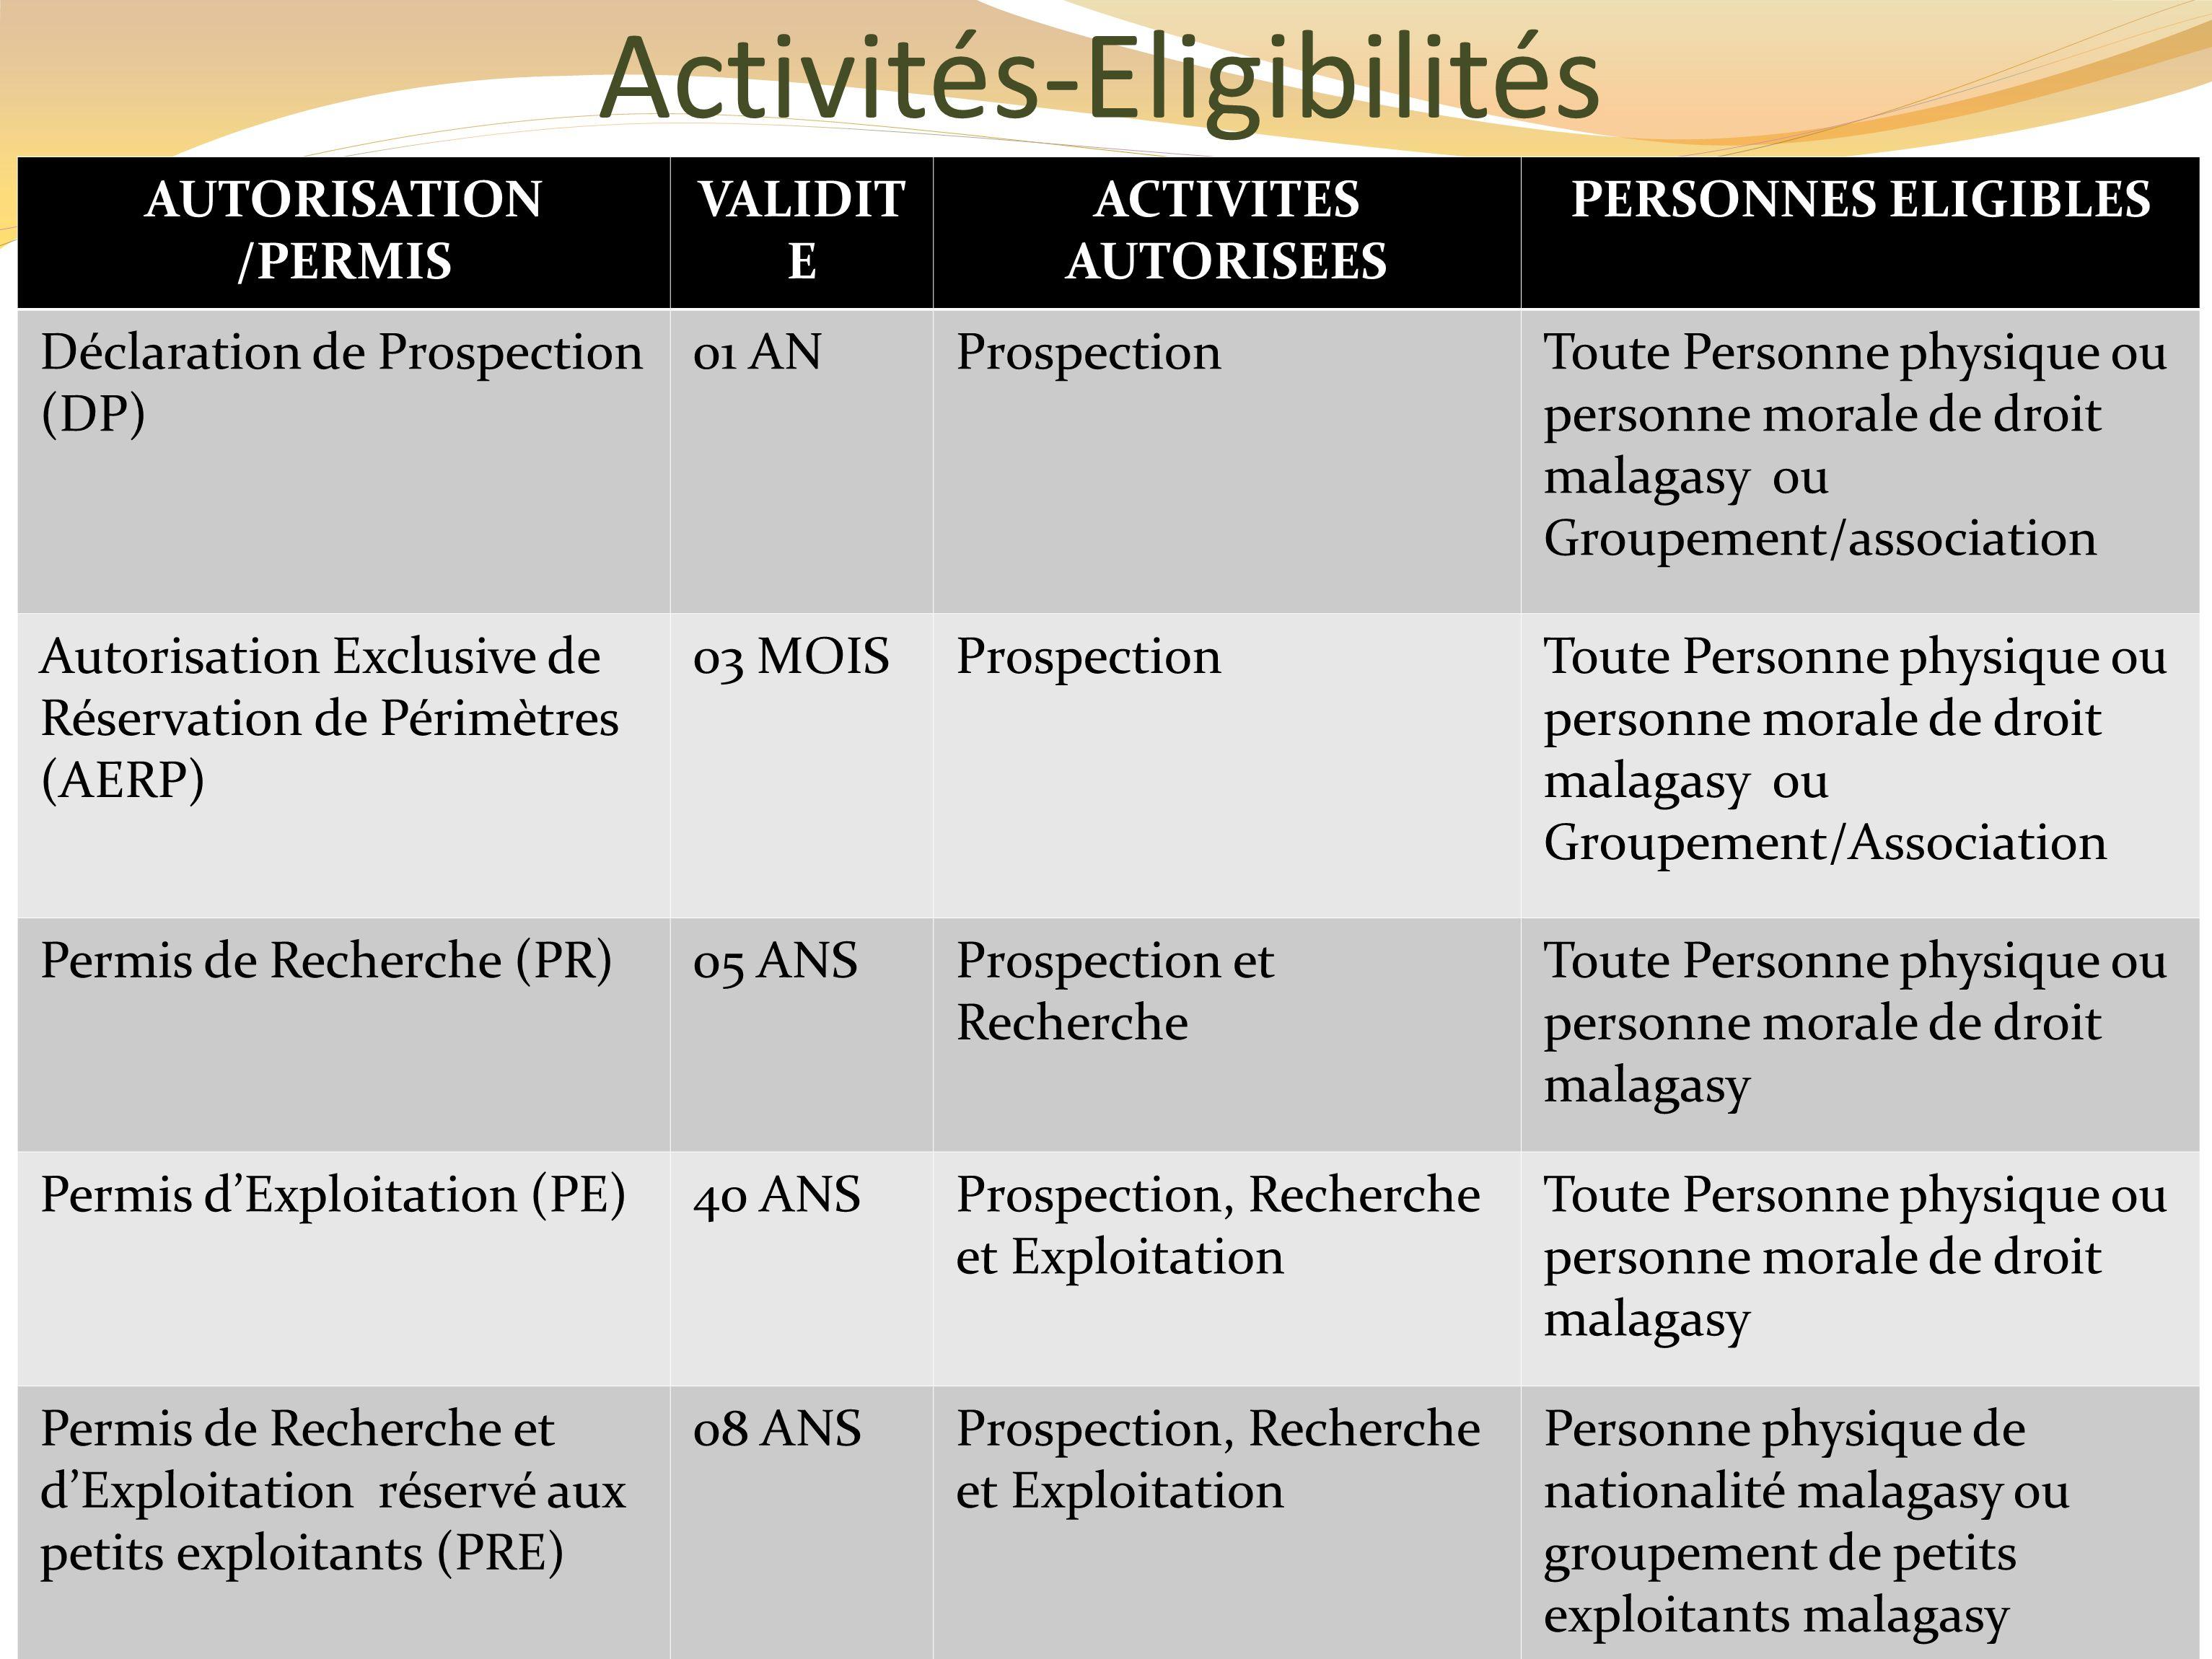 Activités-Eligibilités